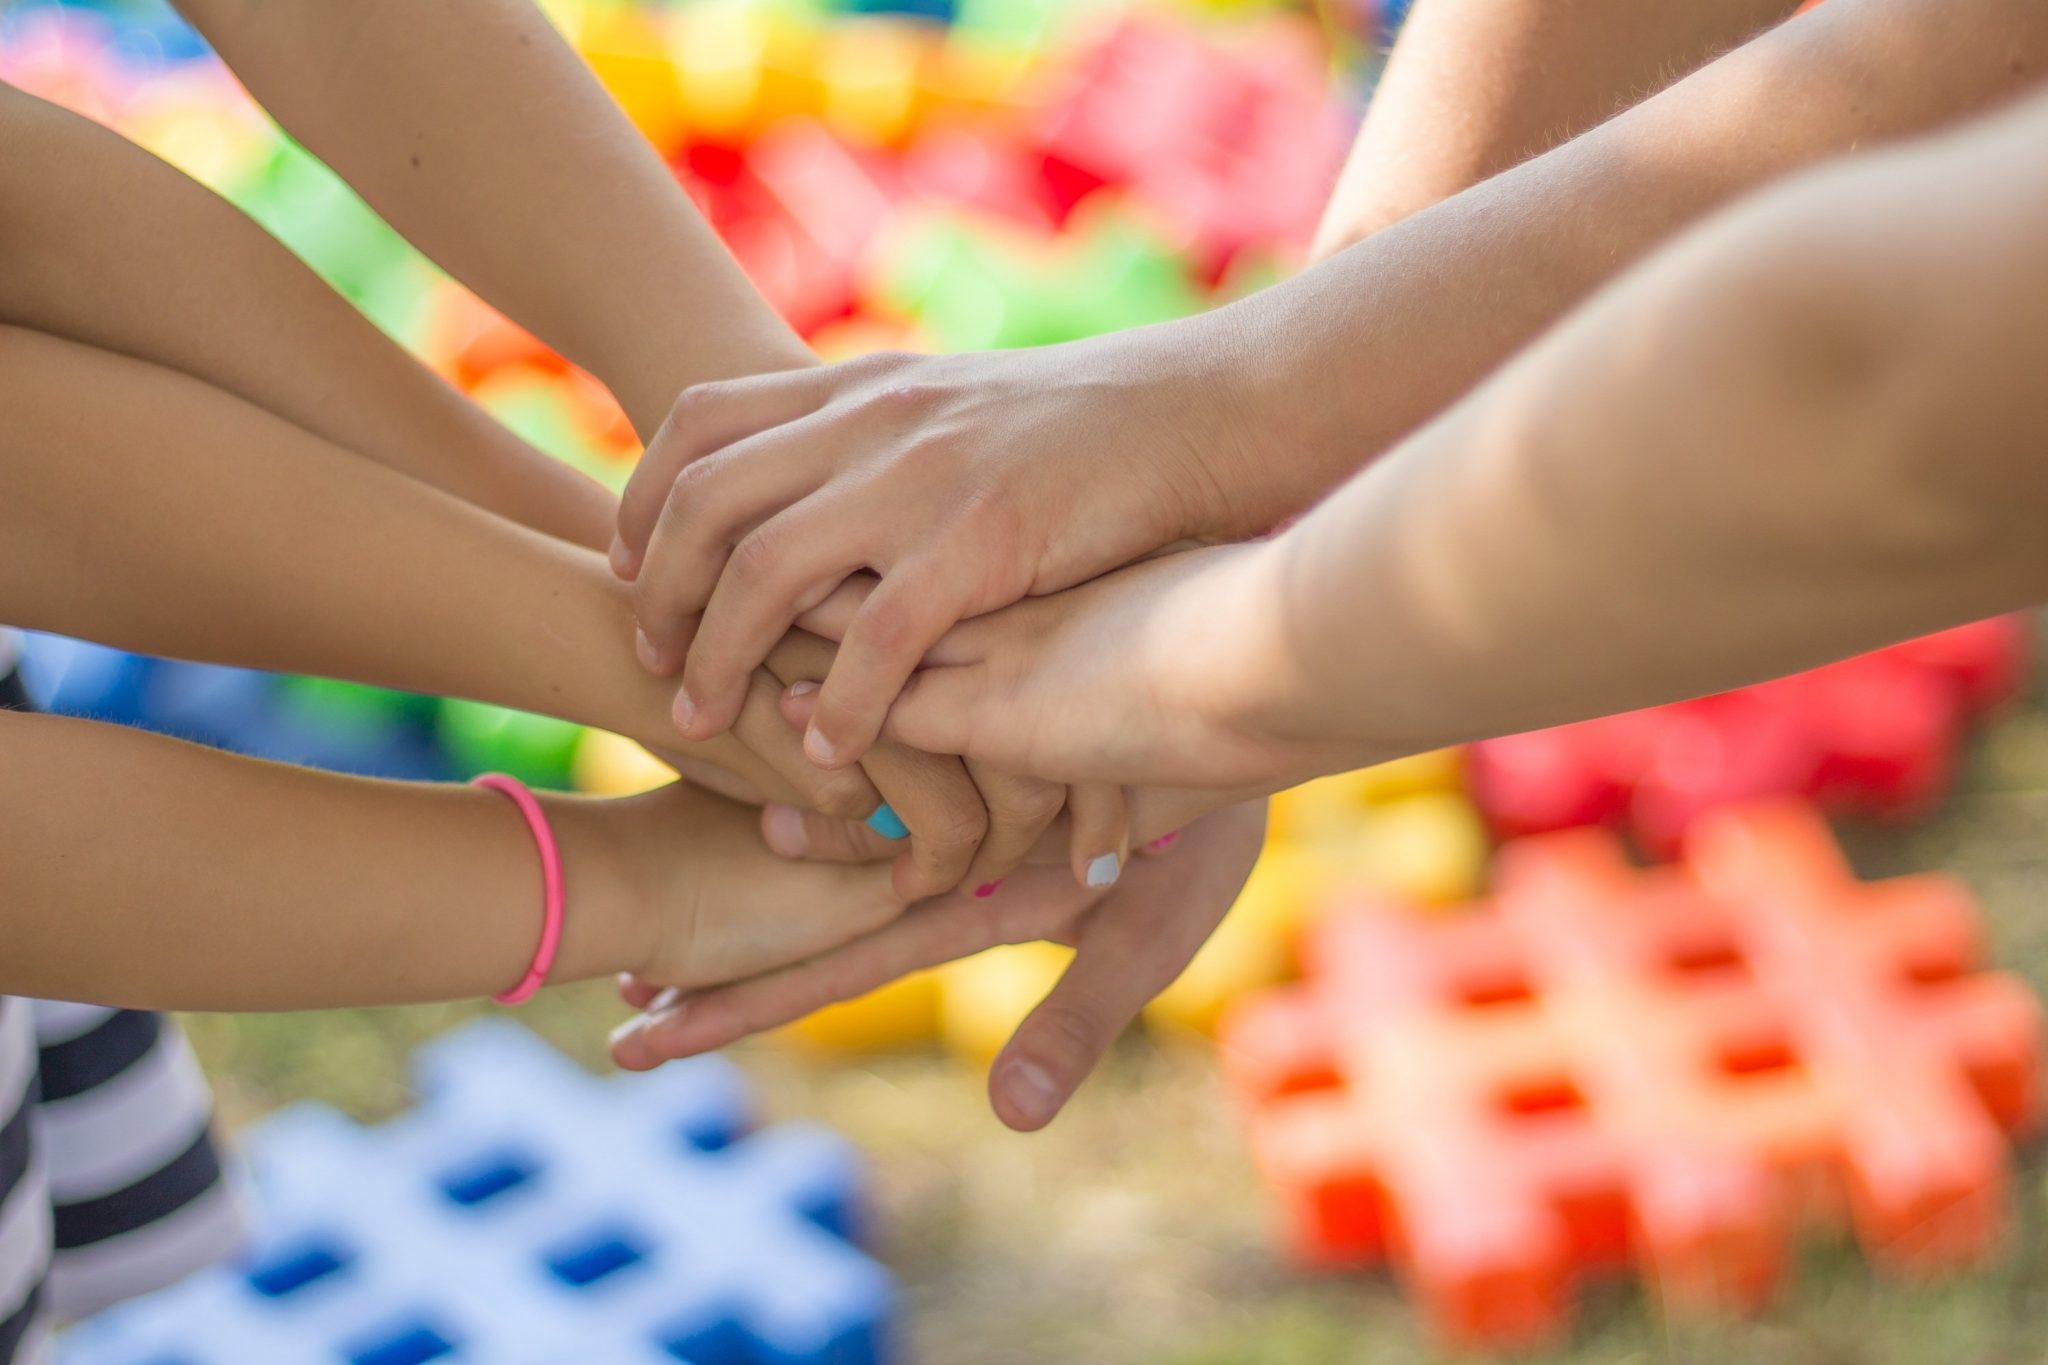 Hände von jungen Menschen, die im Kreis stehen (außerhalb des Bildes) und sich in der Mitte des Bildes an den Händen fassen